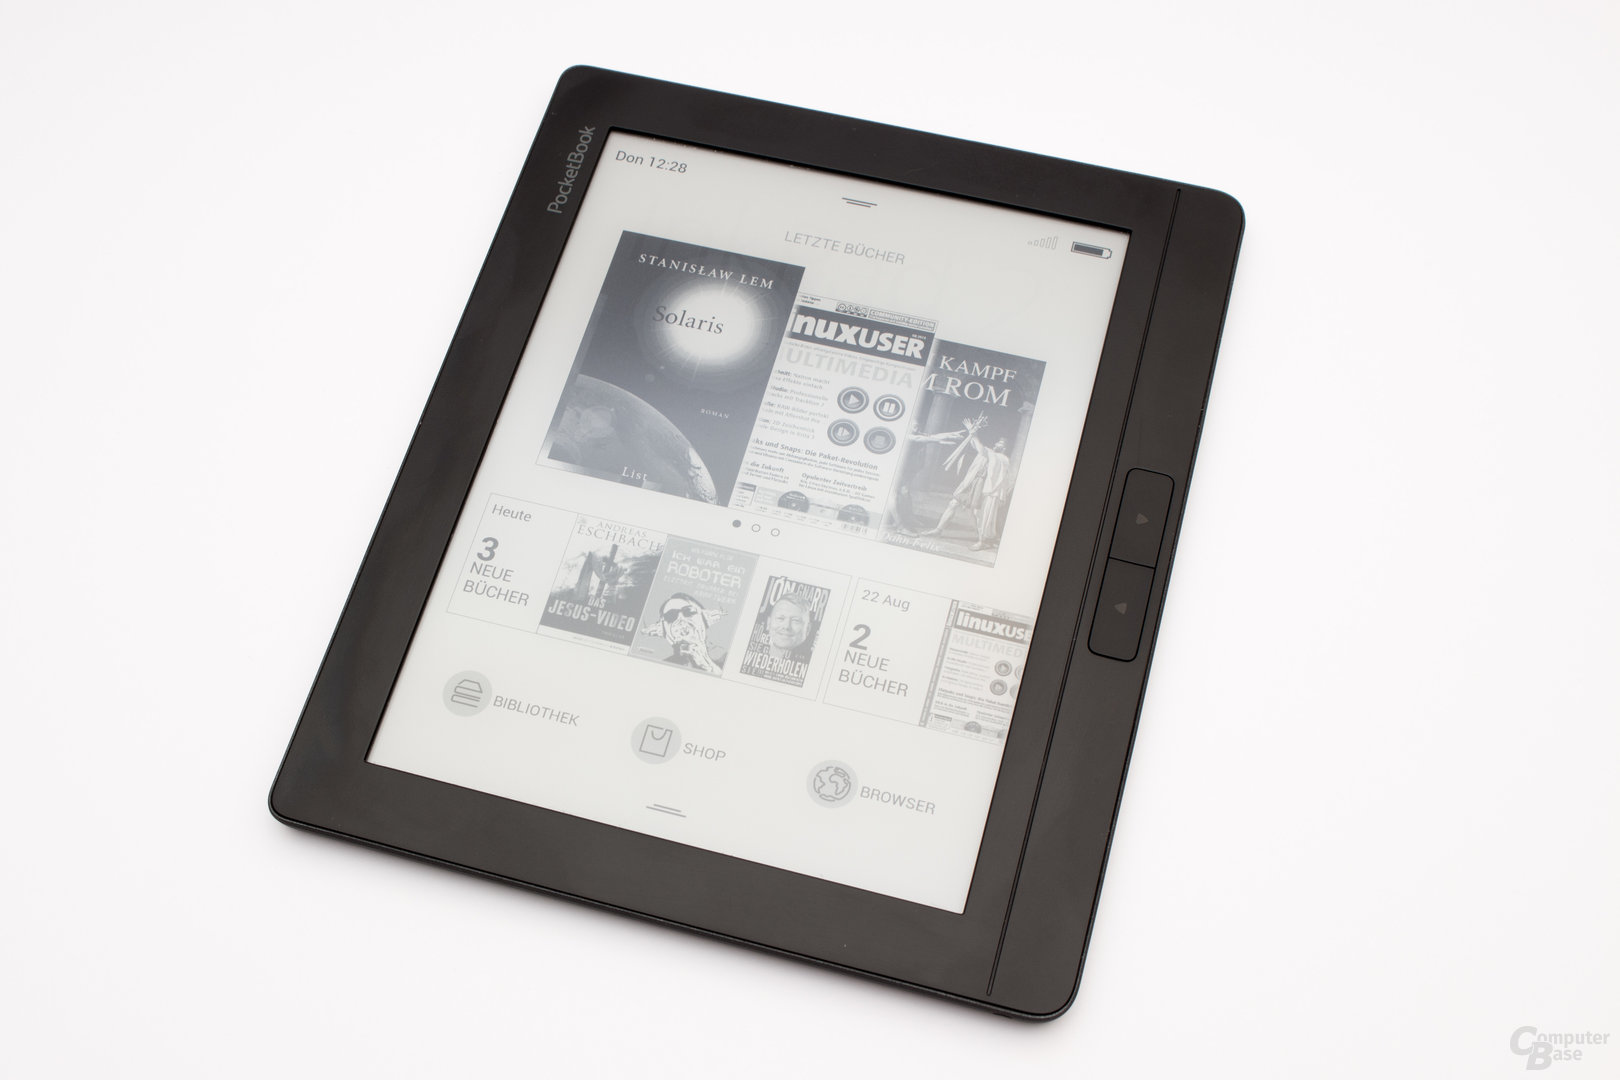 Frontseite des PocketBook InkPad 2